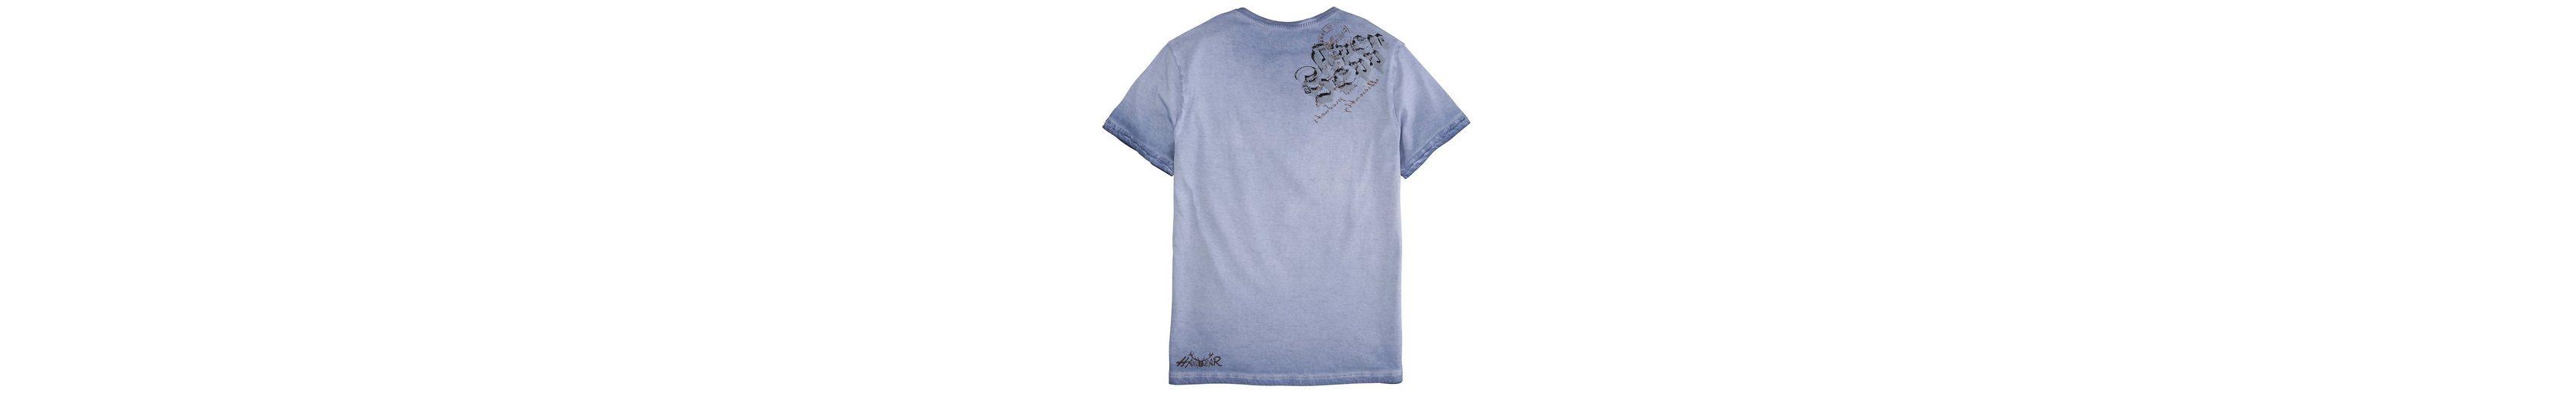 Verkauf Besten Preise Hangowear Trachtenshirt Herren mit Printdetails Niedriger Preis Billig Vermarktbare A6B9RWH